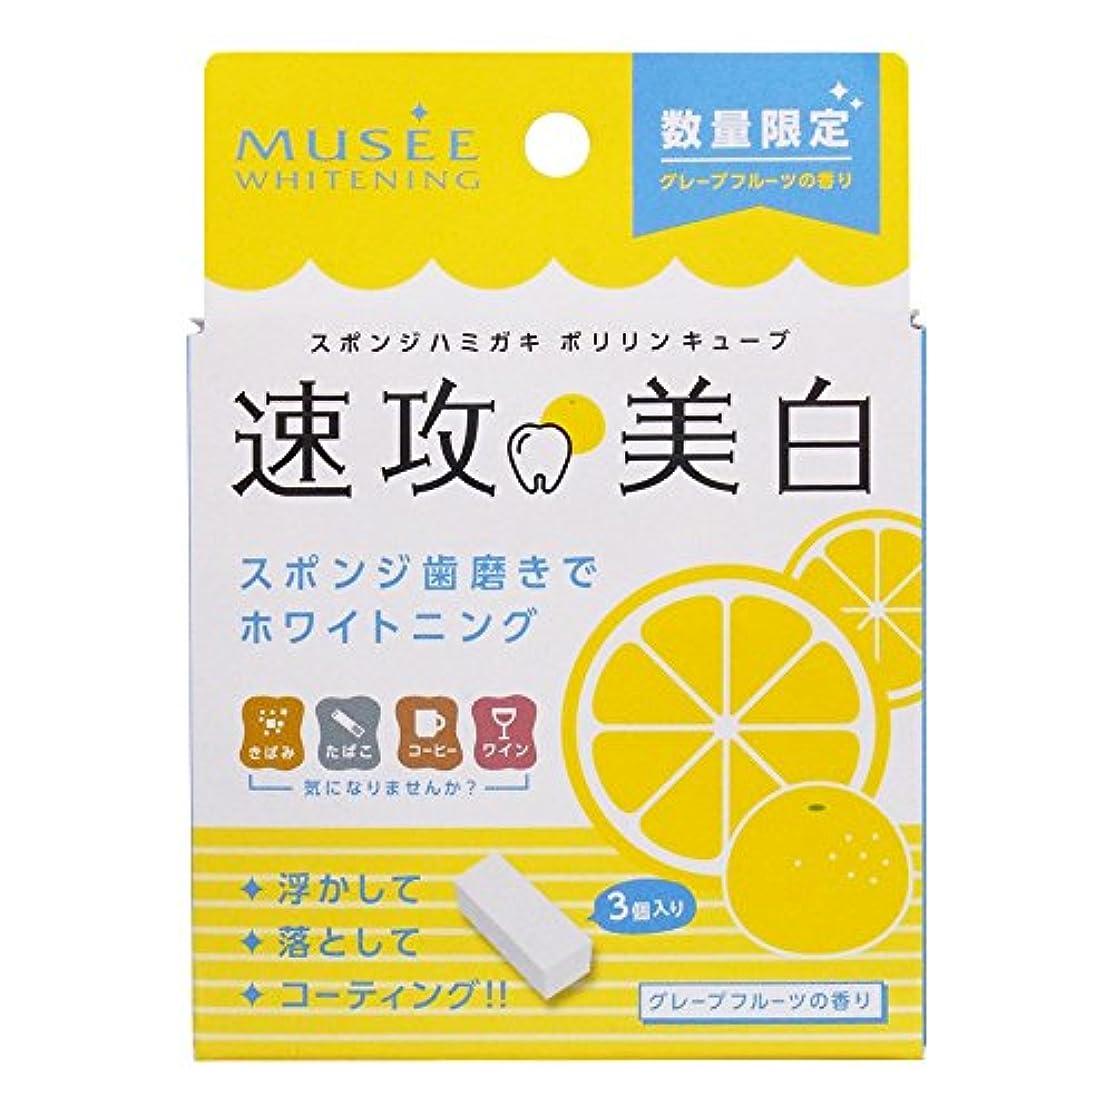 病院次へベテランミュゼホワイトニング ポリリンキューブ グレープフルーツの香り (1回分×3包)